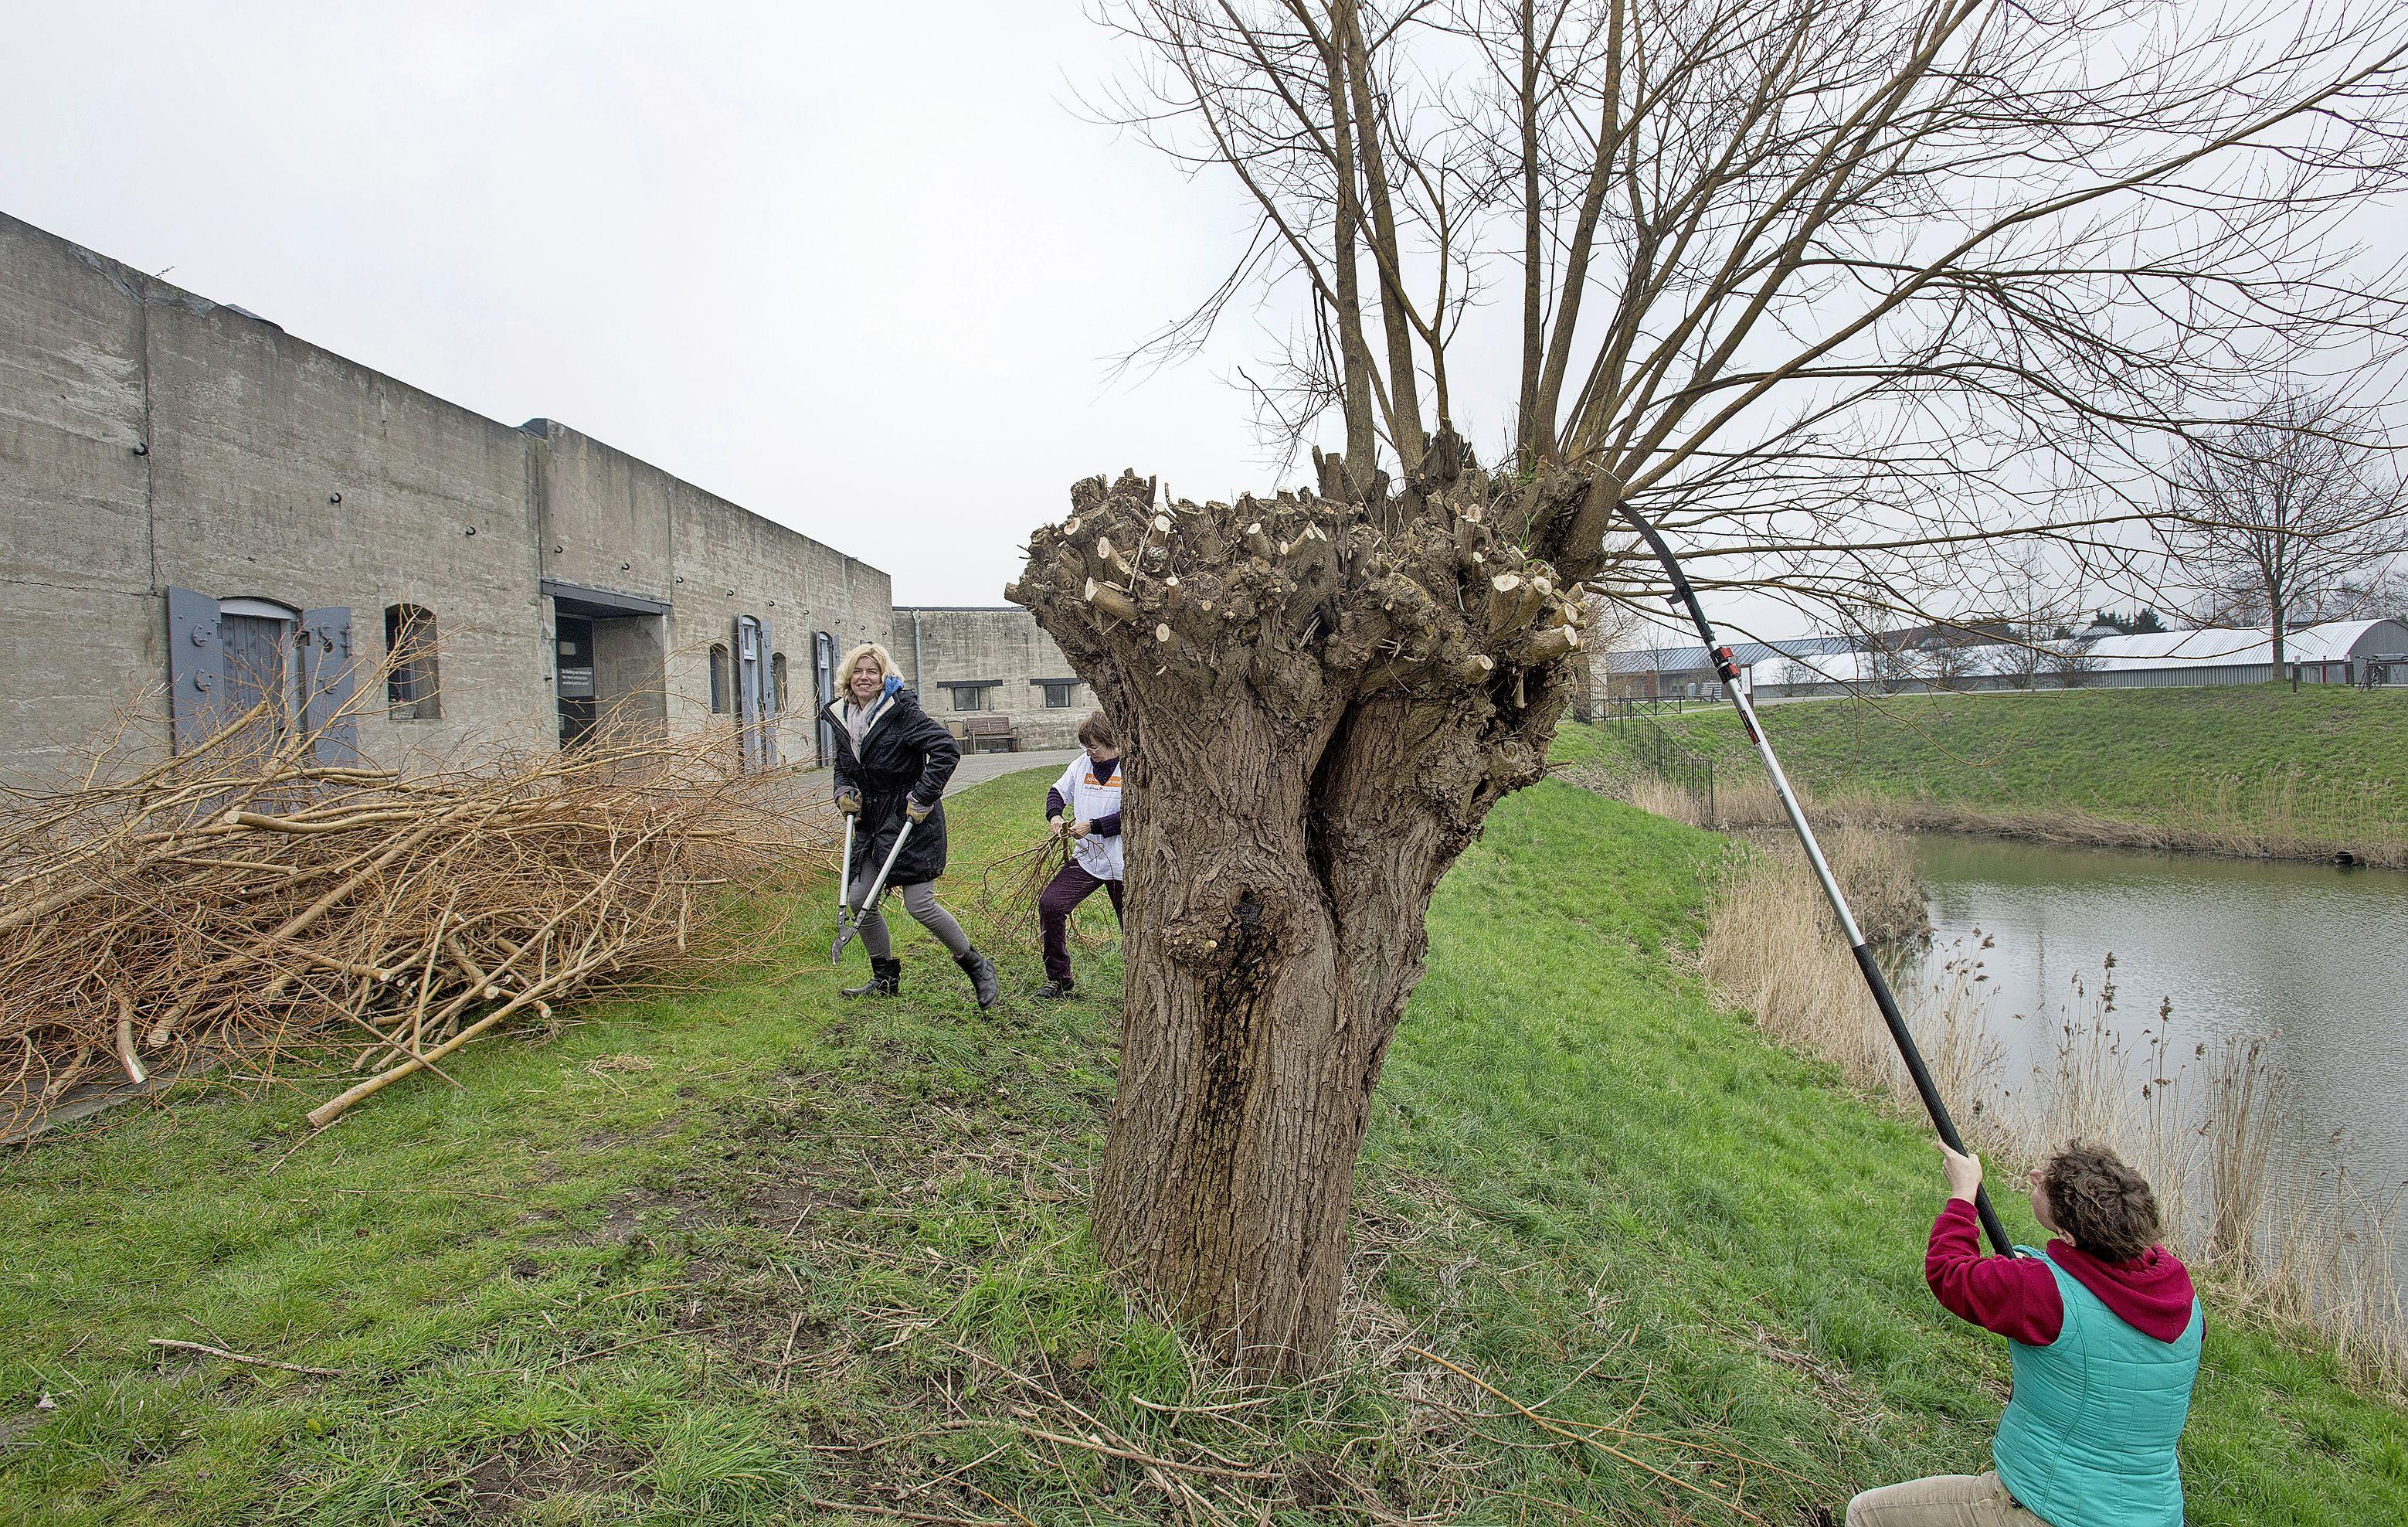 Zo zou Haarlemmermeer van het aardgas kunnen gaan; warmte uit de fortgracht en andere plannen